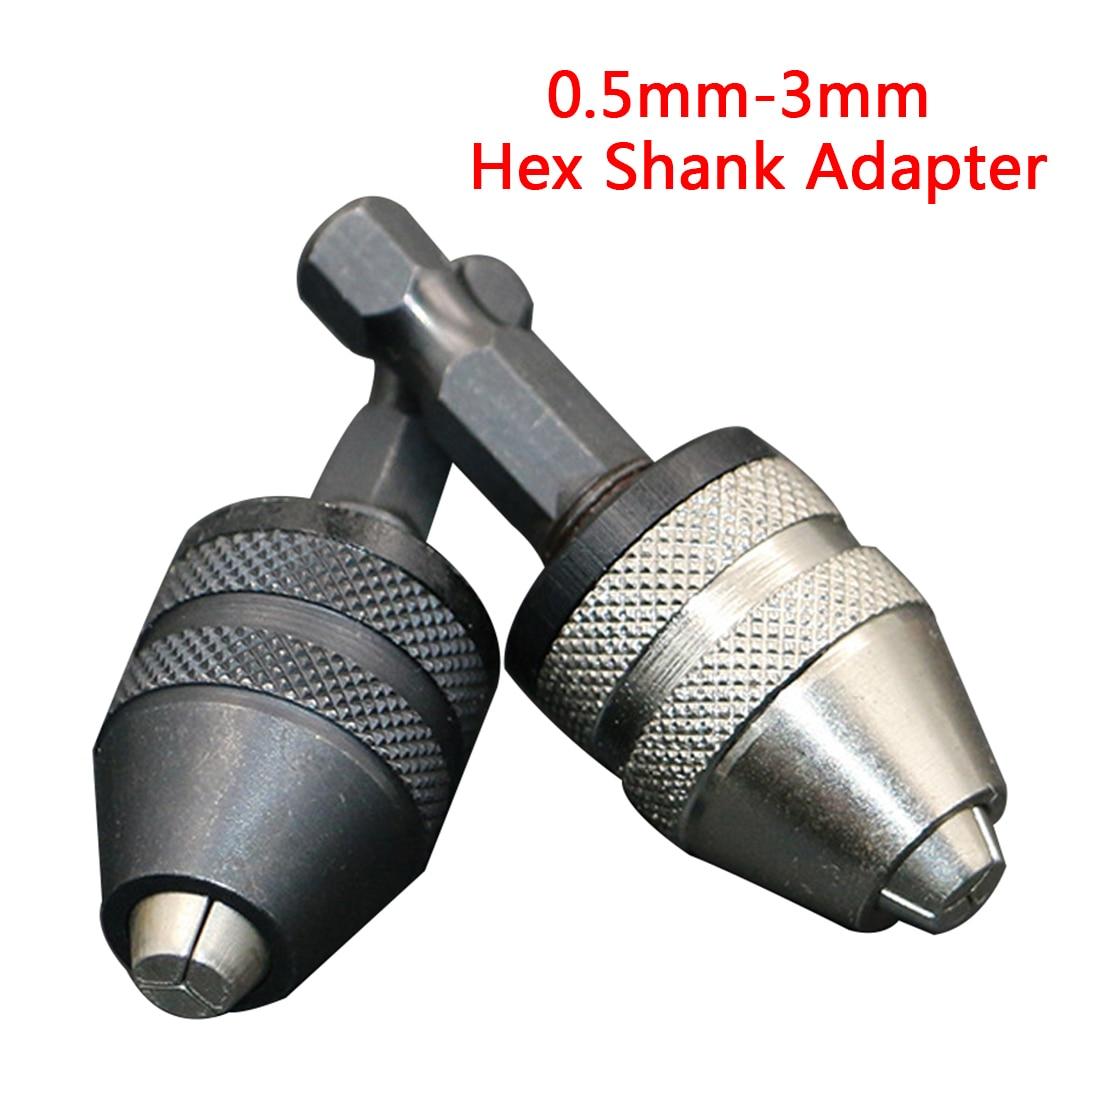 Keyless 1/4 Inch 0.5mm-3mm Hex Shank Adapter Converter Drill Bit Chuck Quick Change Universal Chuck Alloy